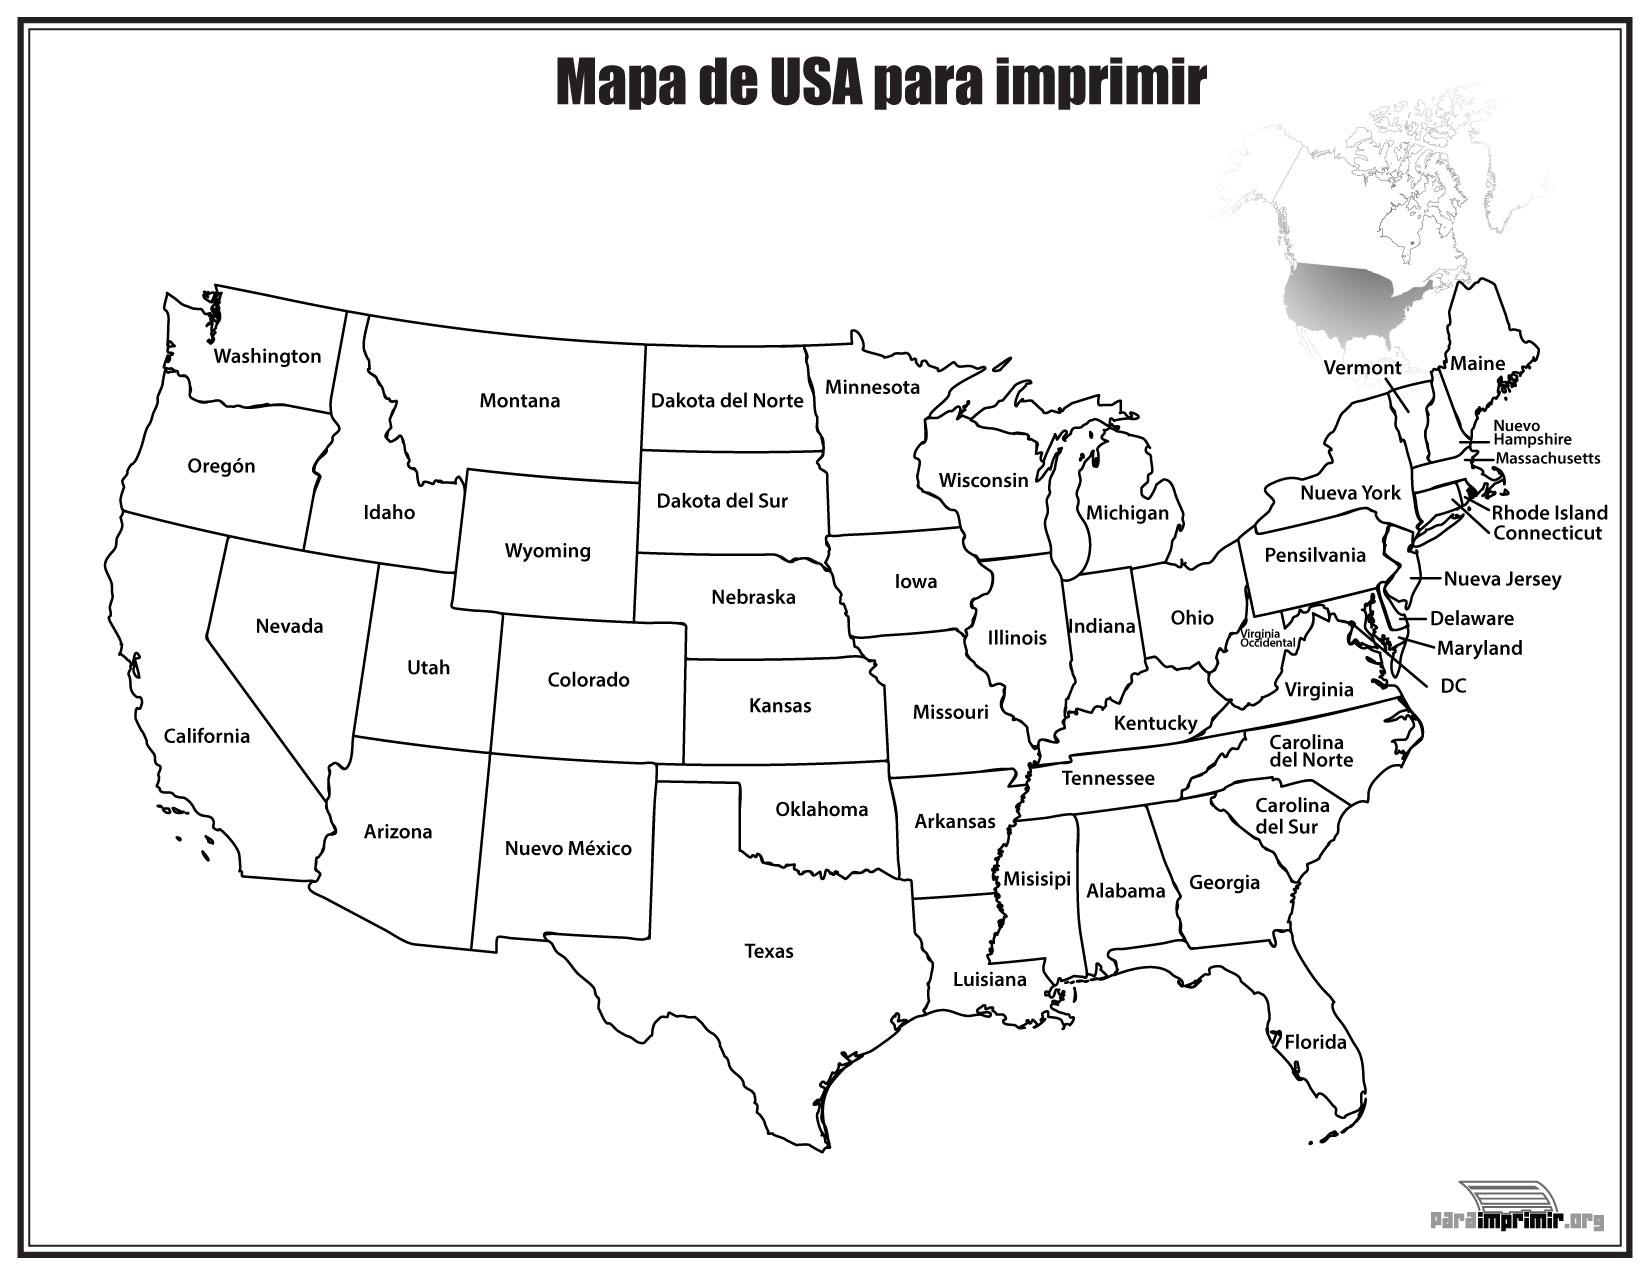 Mapa De Estados Unidos Con Nombres Para Imprimir